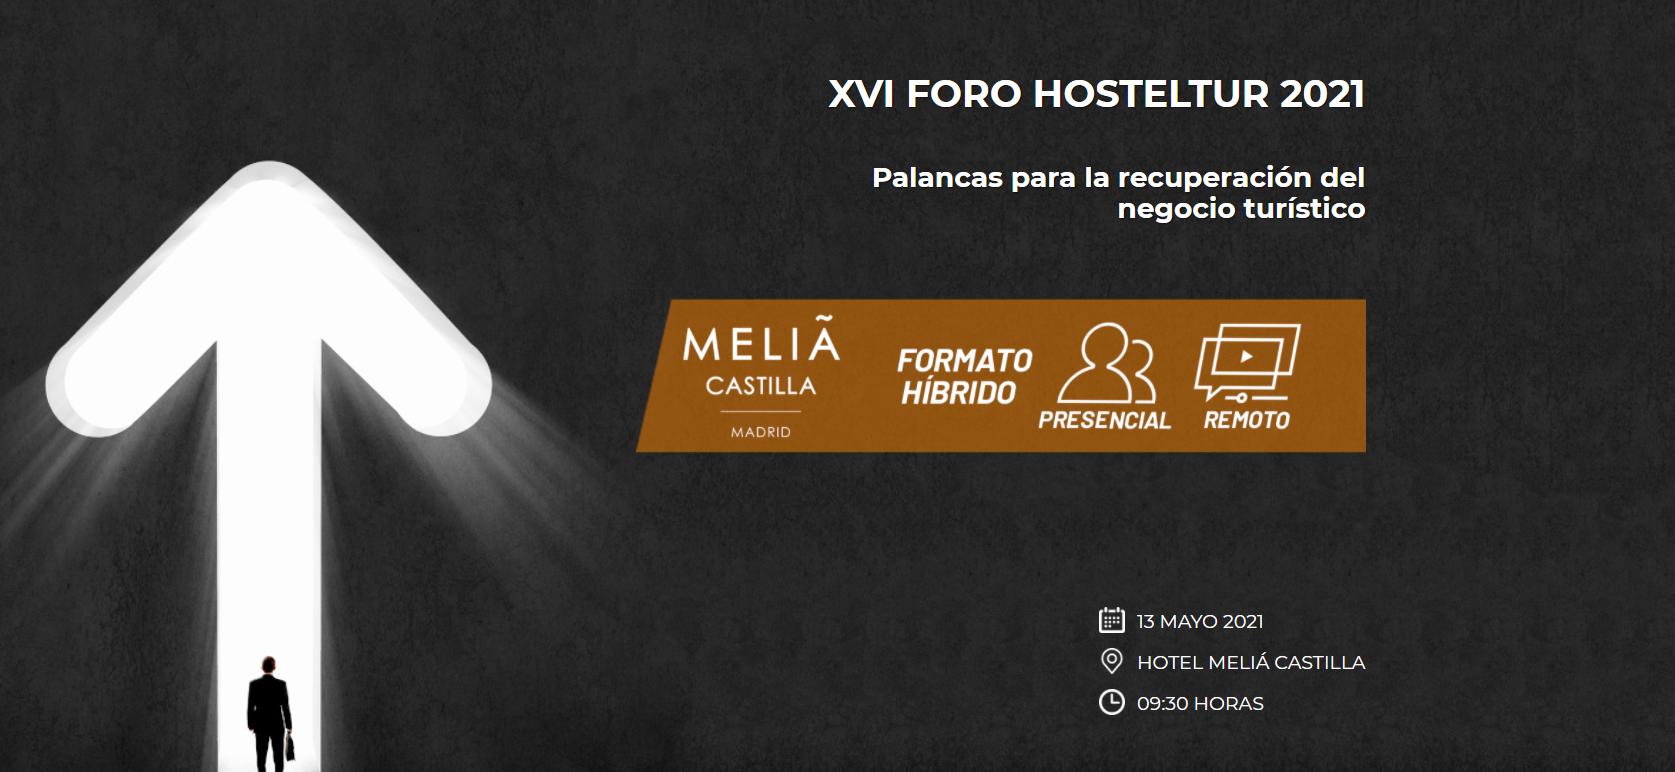 El Foro Hosteltur 2021 se celebrará el próximo 13 de Mayo en Madrid